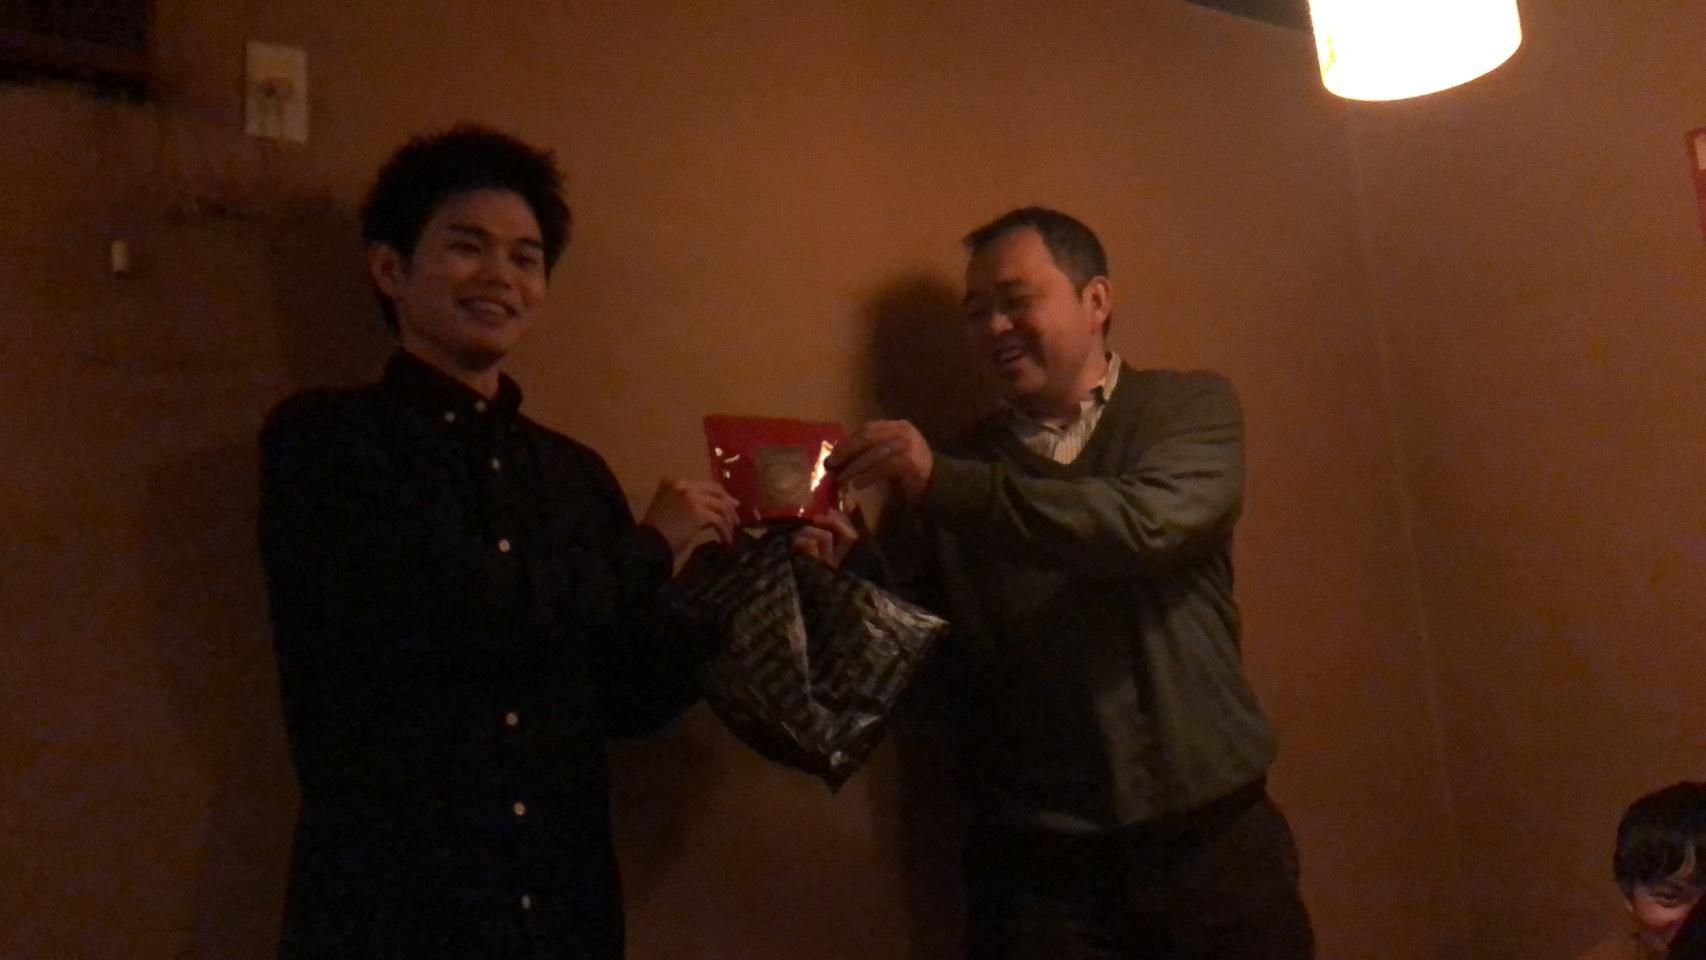 20200116中山先生お誕生日おめでとう